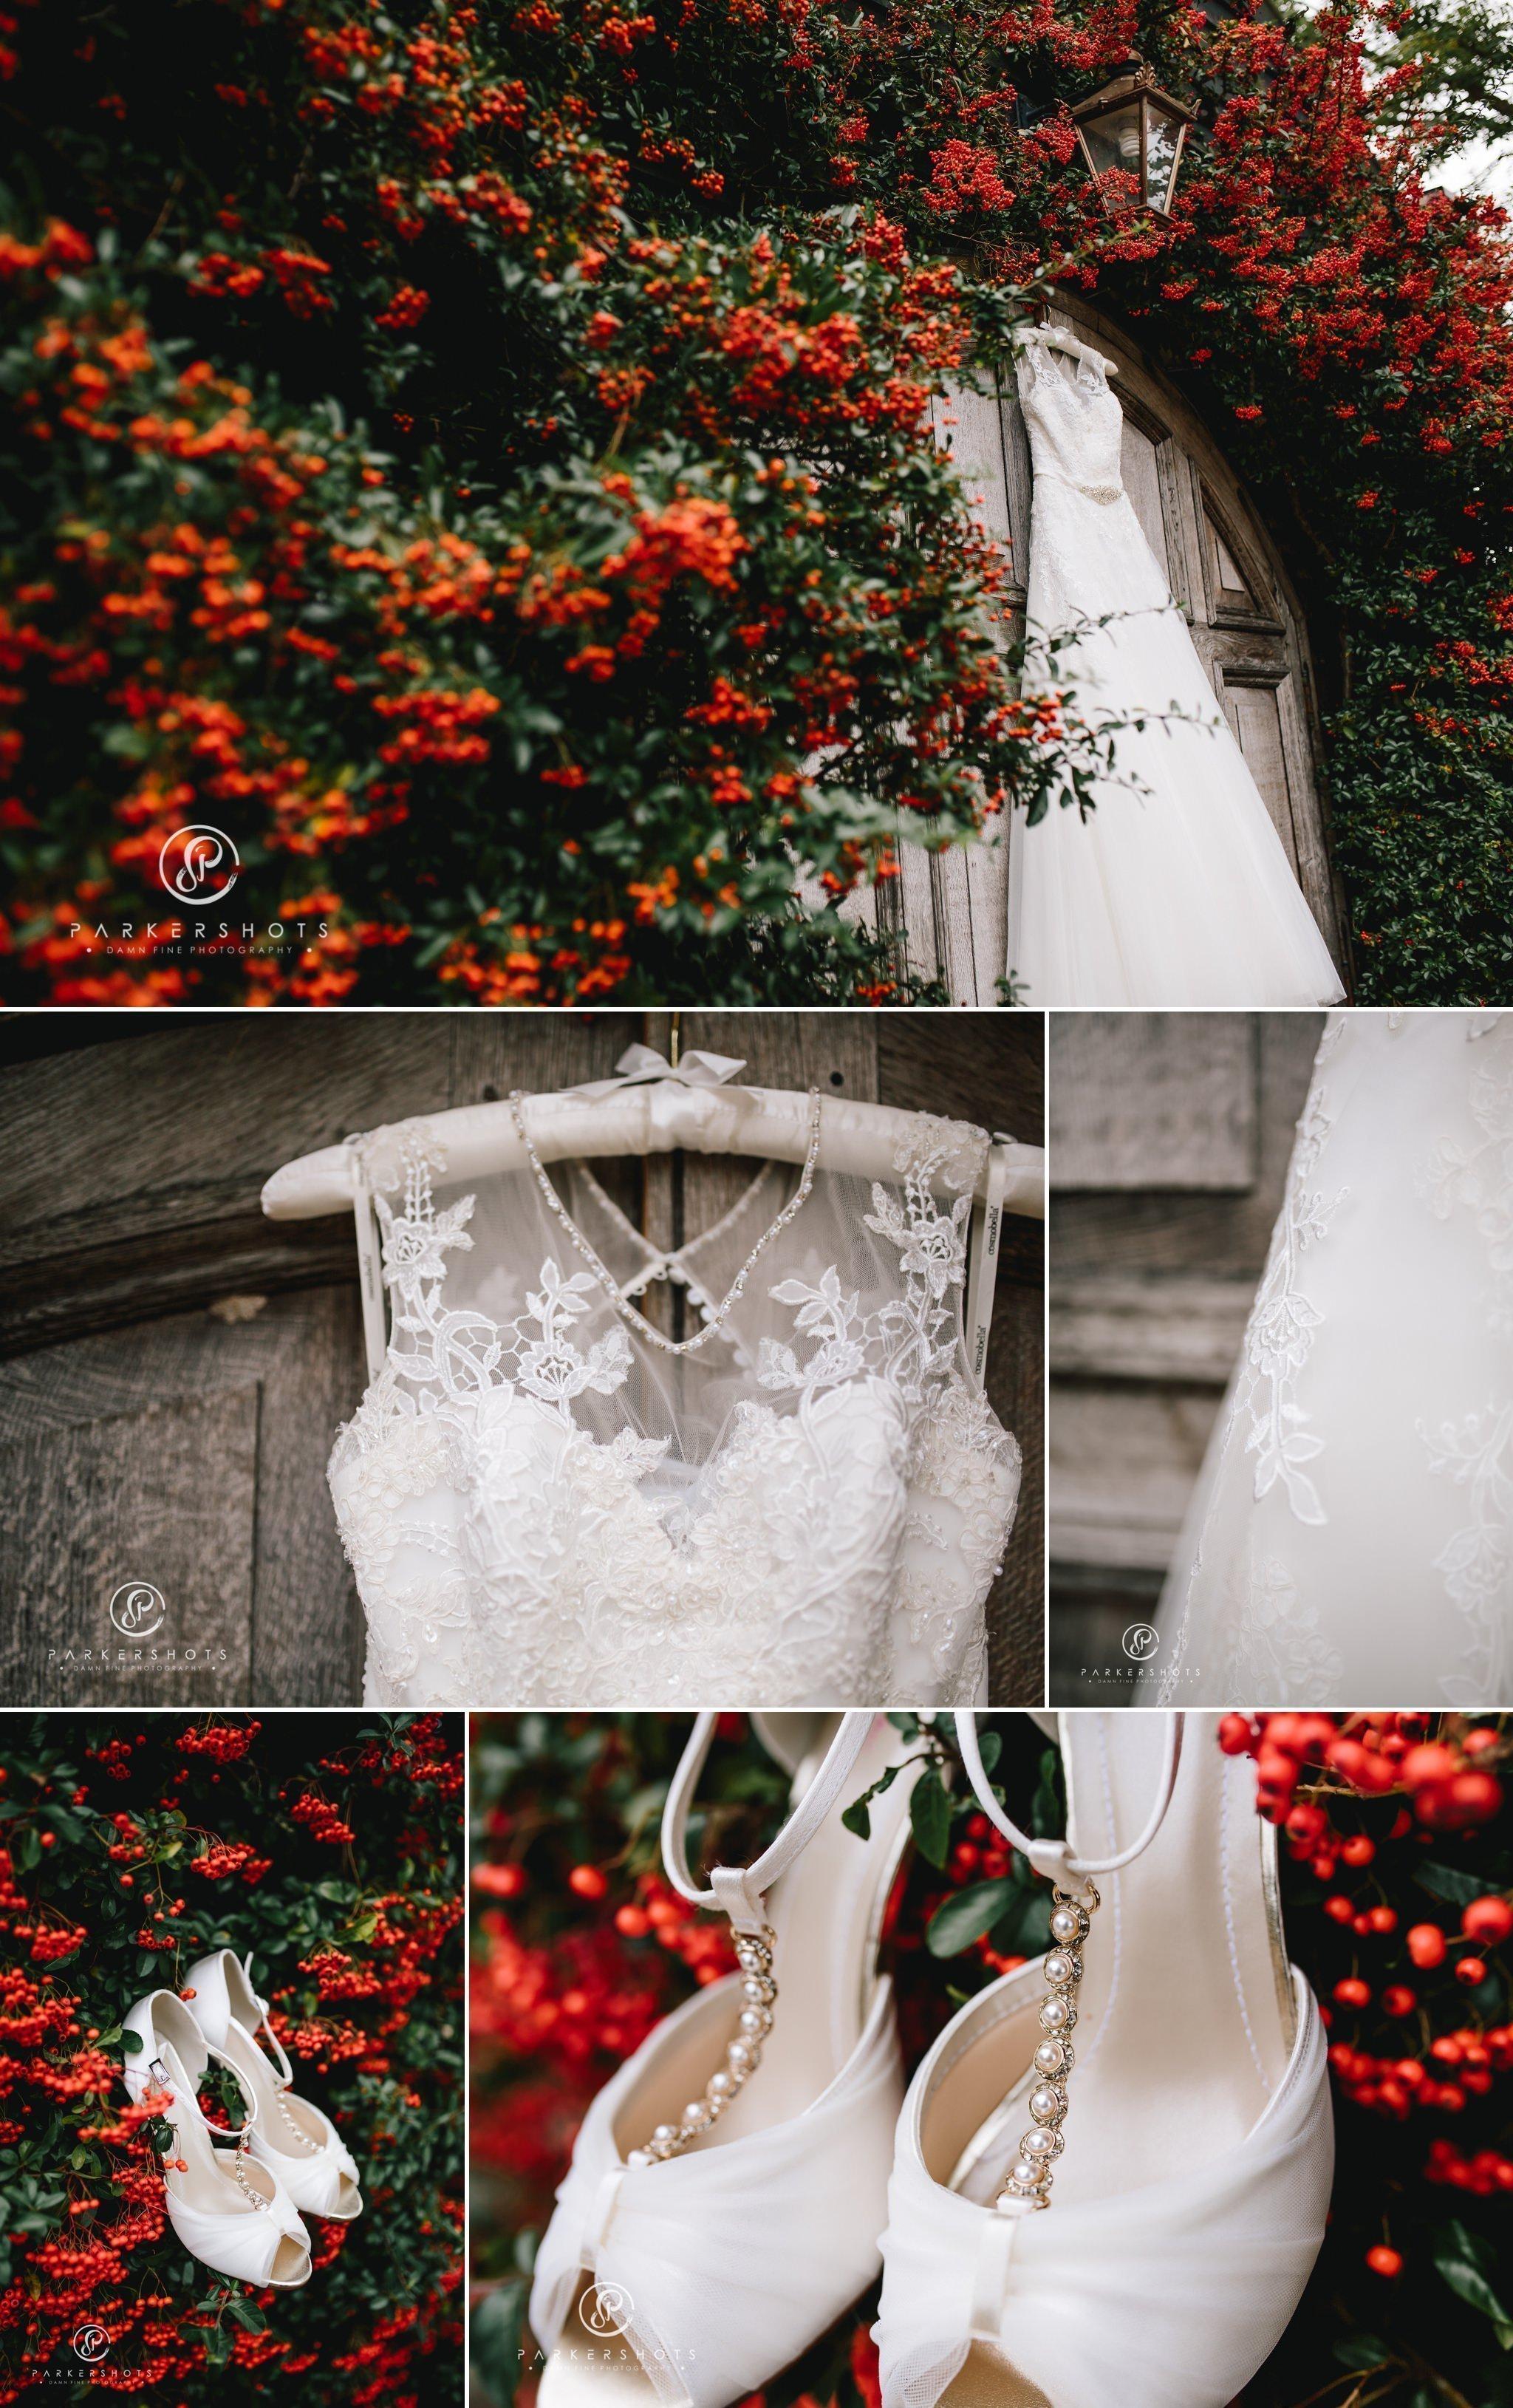 Bridal Prep wedding photography at Winters Barns